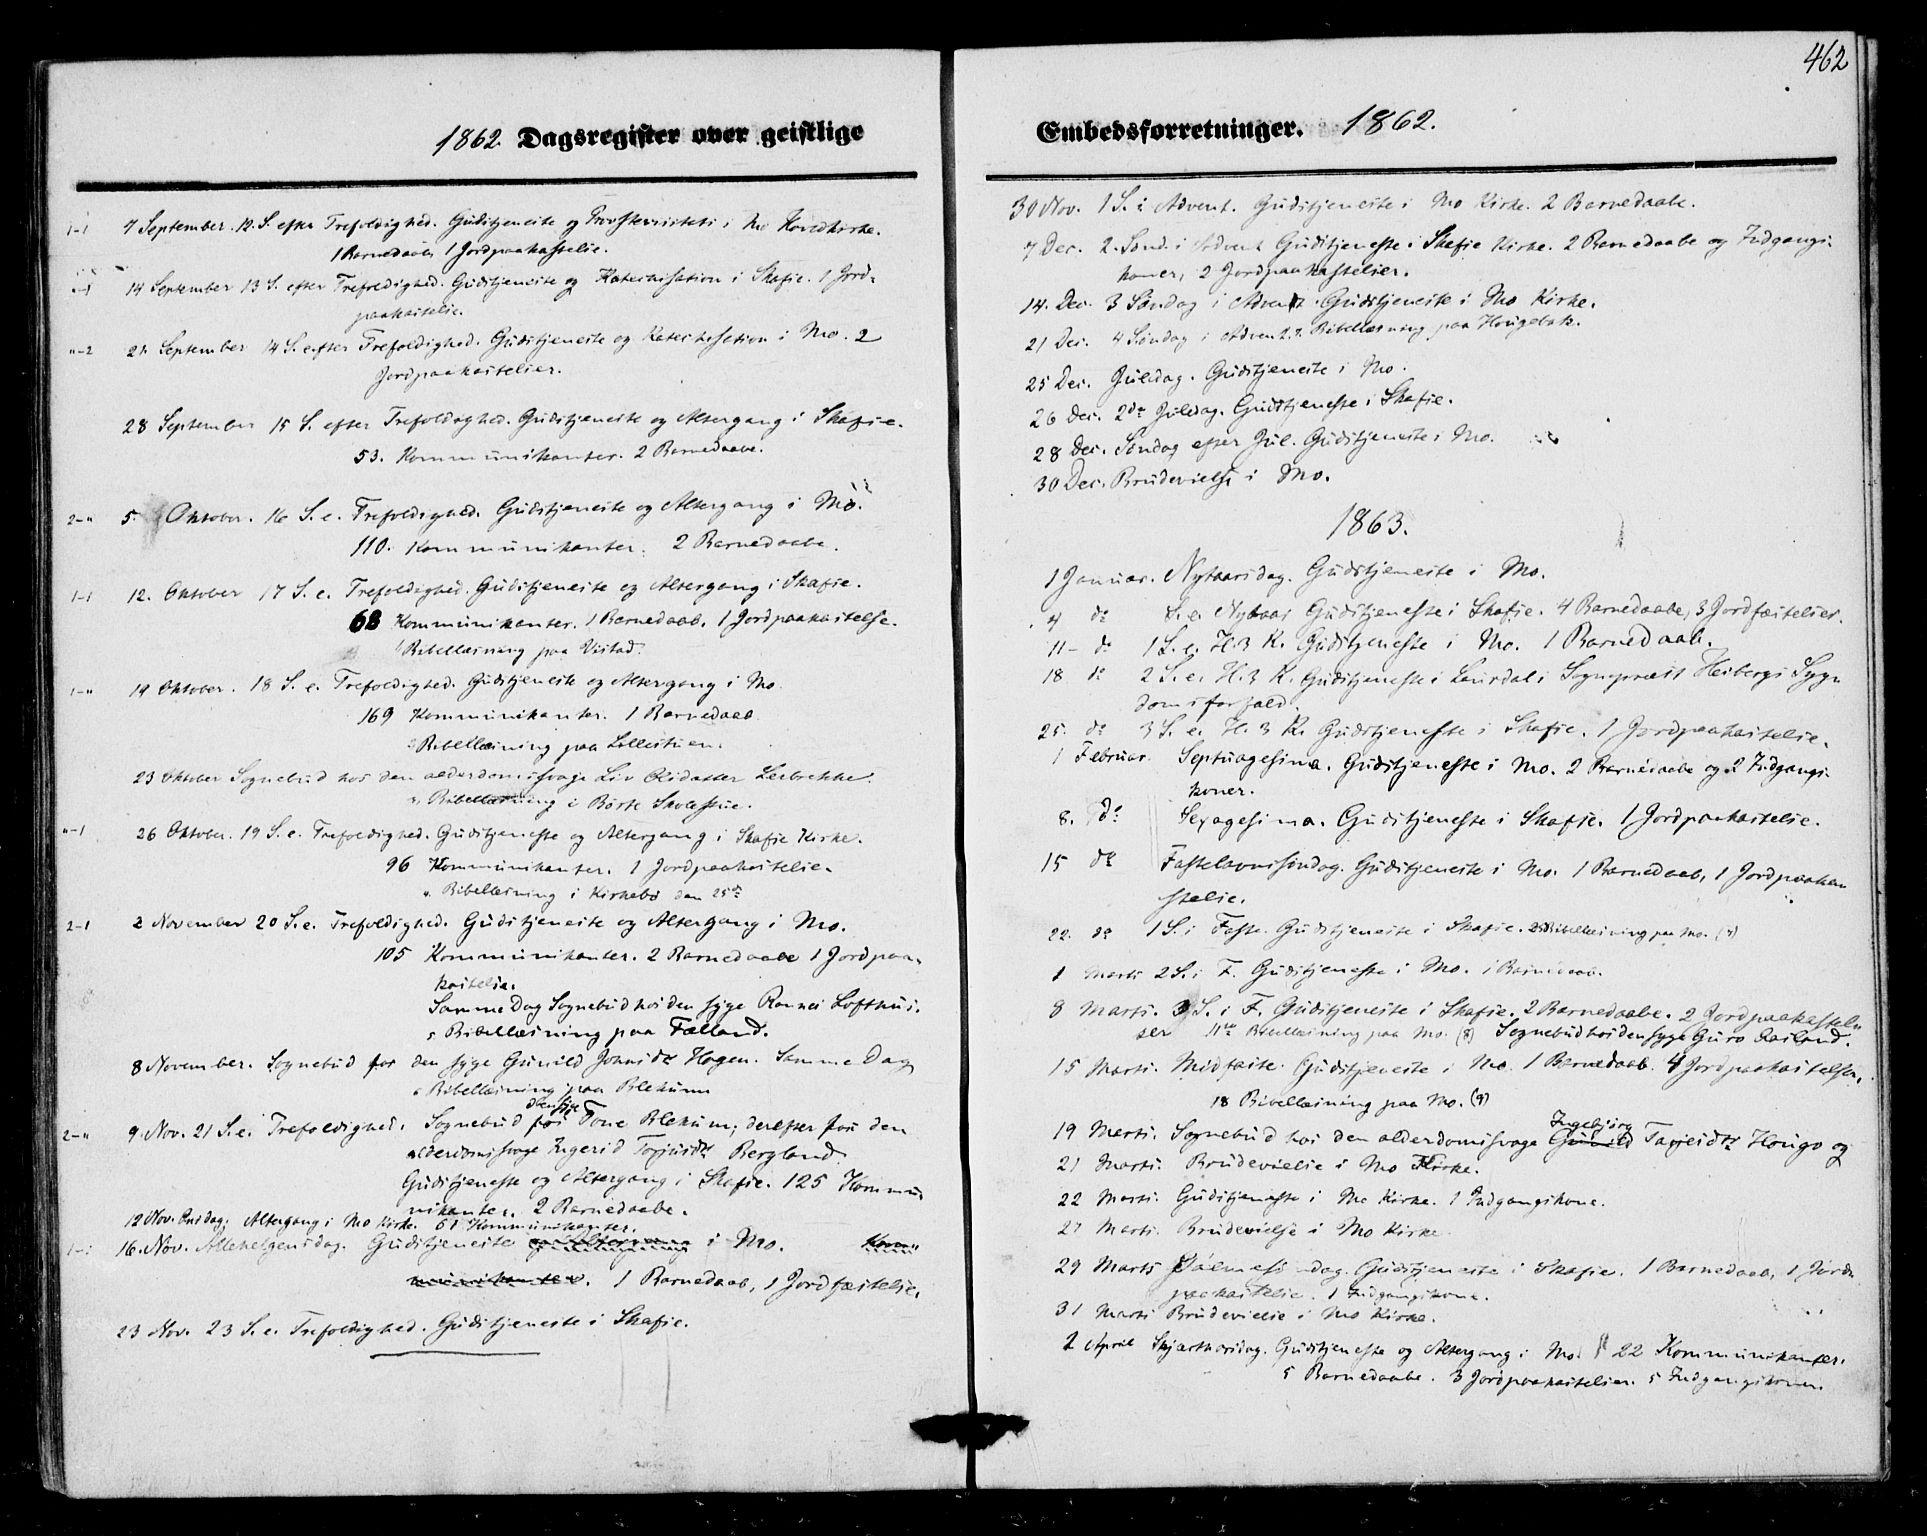 SAKO, Mo kirkebøker, F/Fa/L0005: Ministerialbok nr. I 5, 1844-1864, s. 462